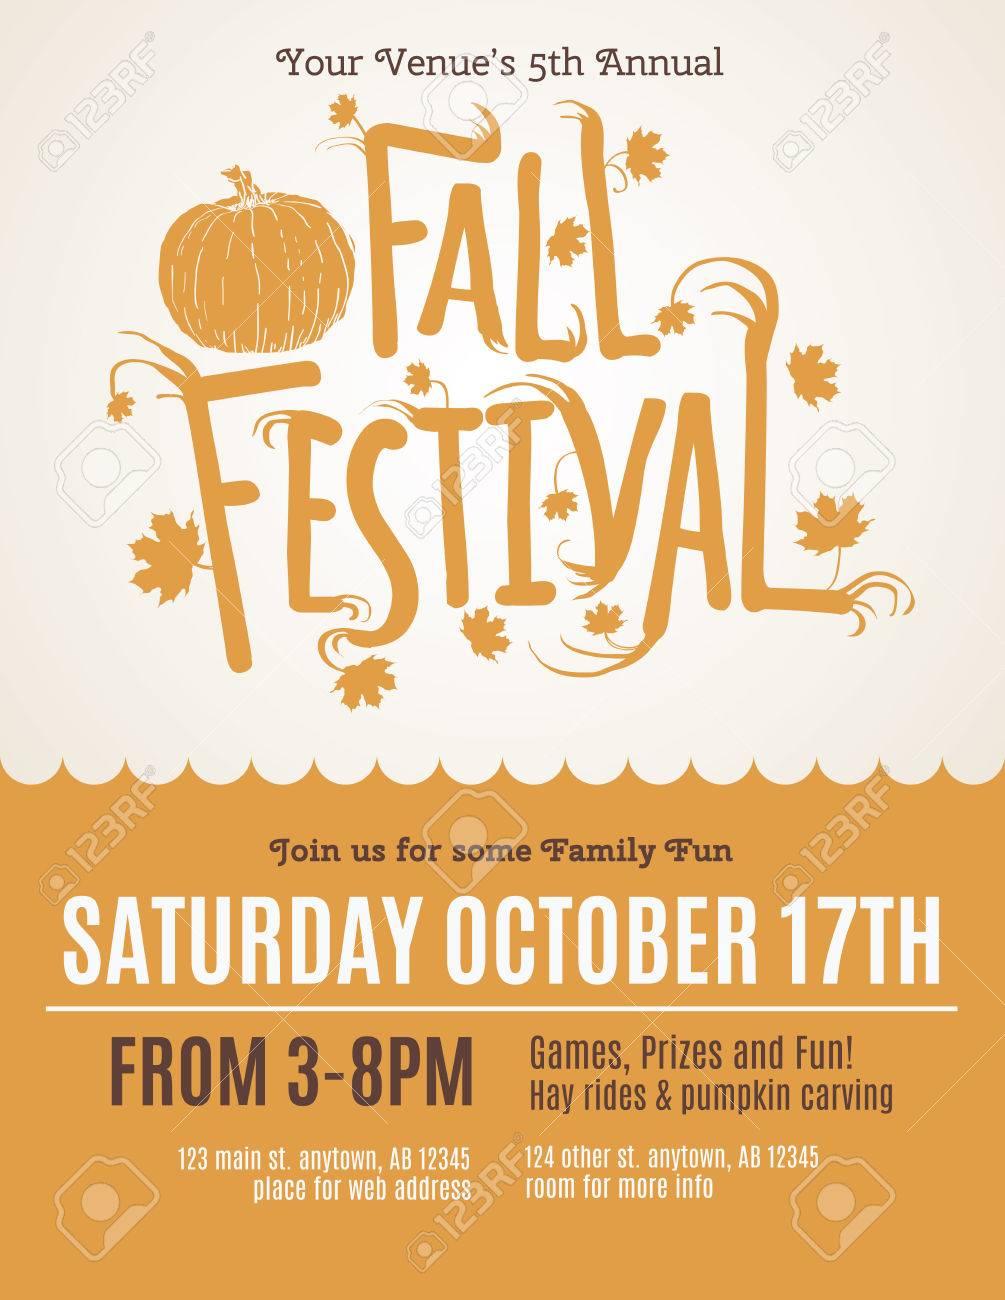 Fun Fall Festival Invitation Flyer - 46103353